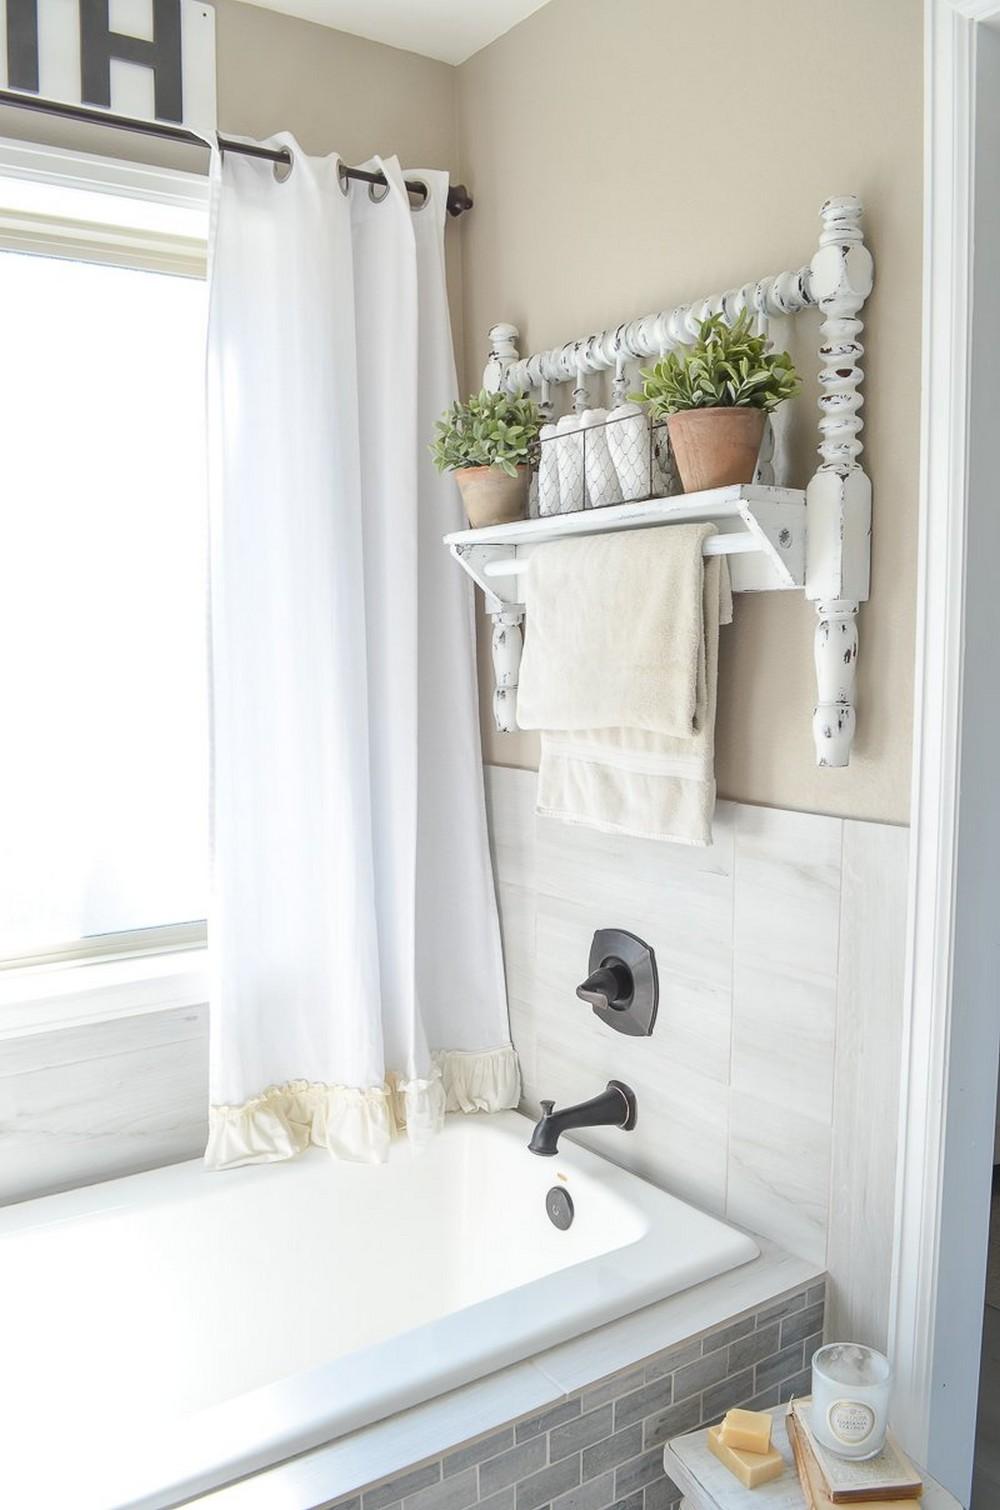 DIY Towel Bar Bed Frame